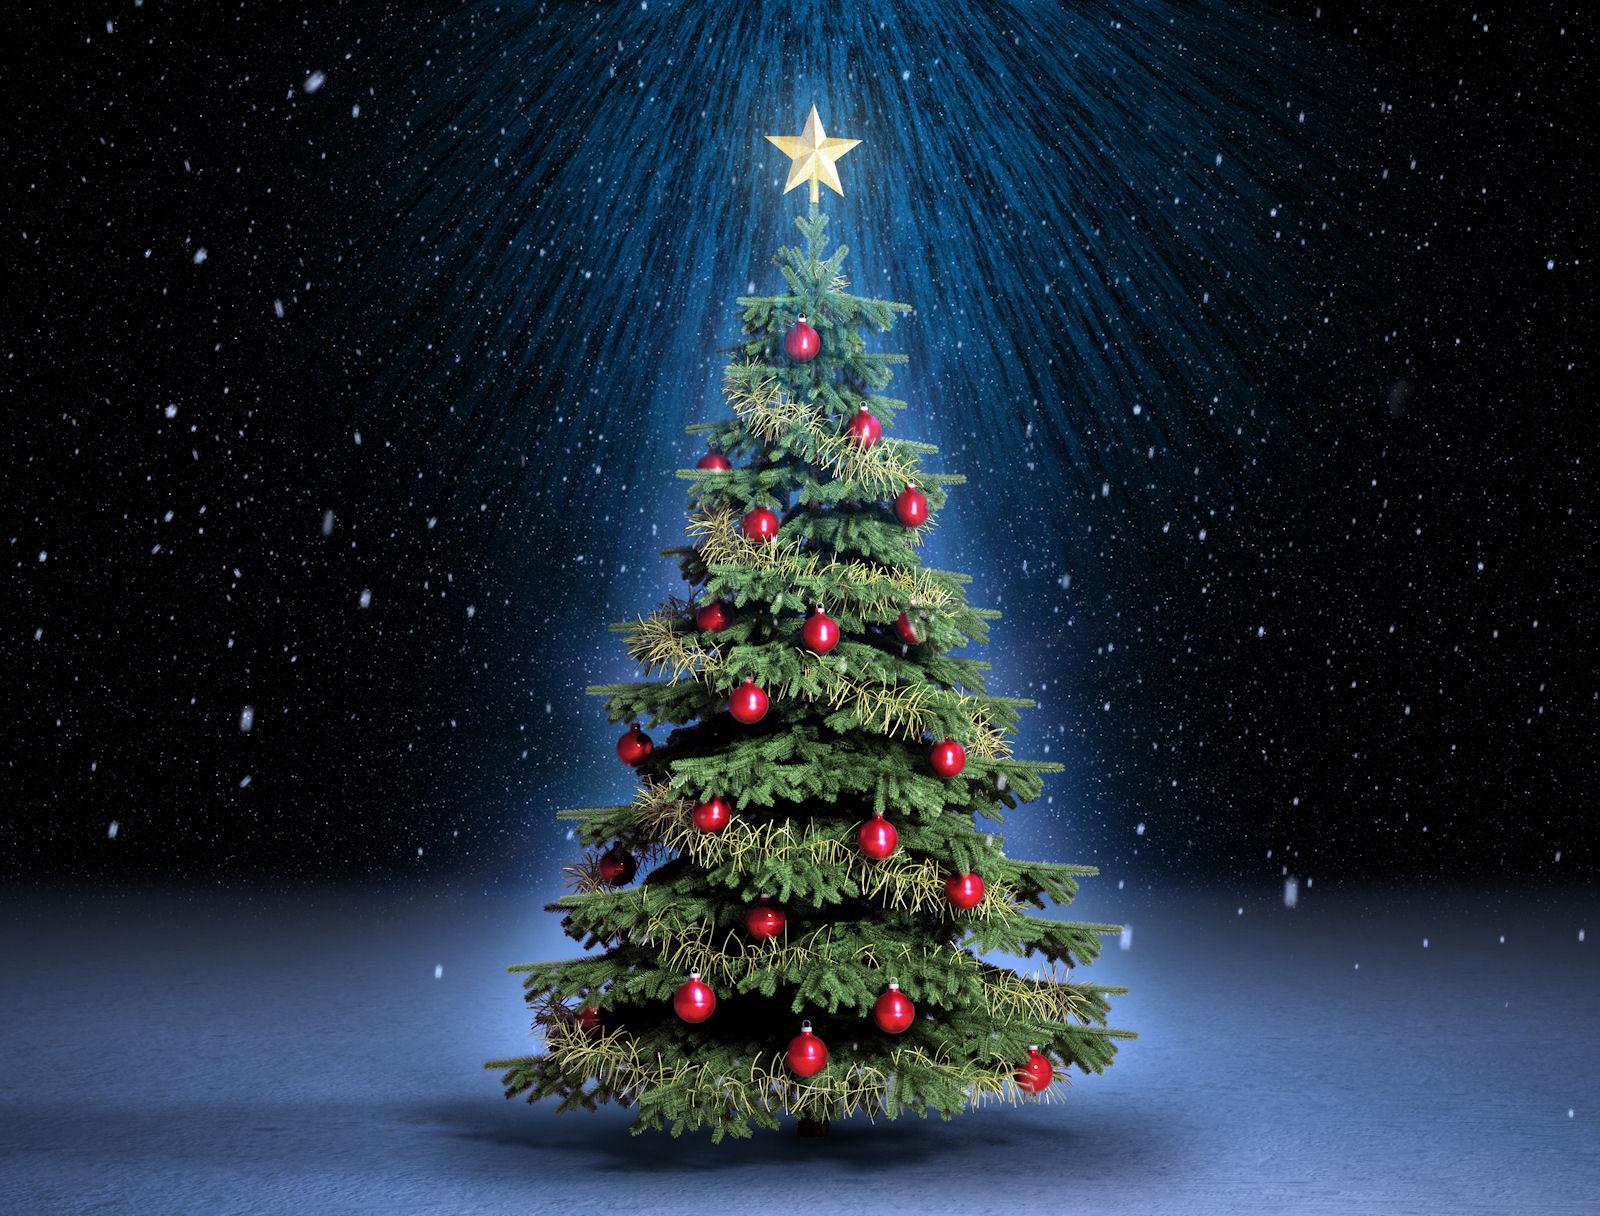 La historia del rbol de Navidad CRN Noticias